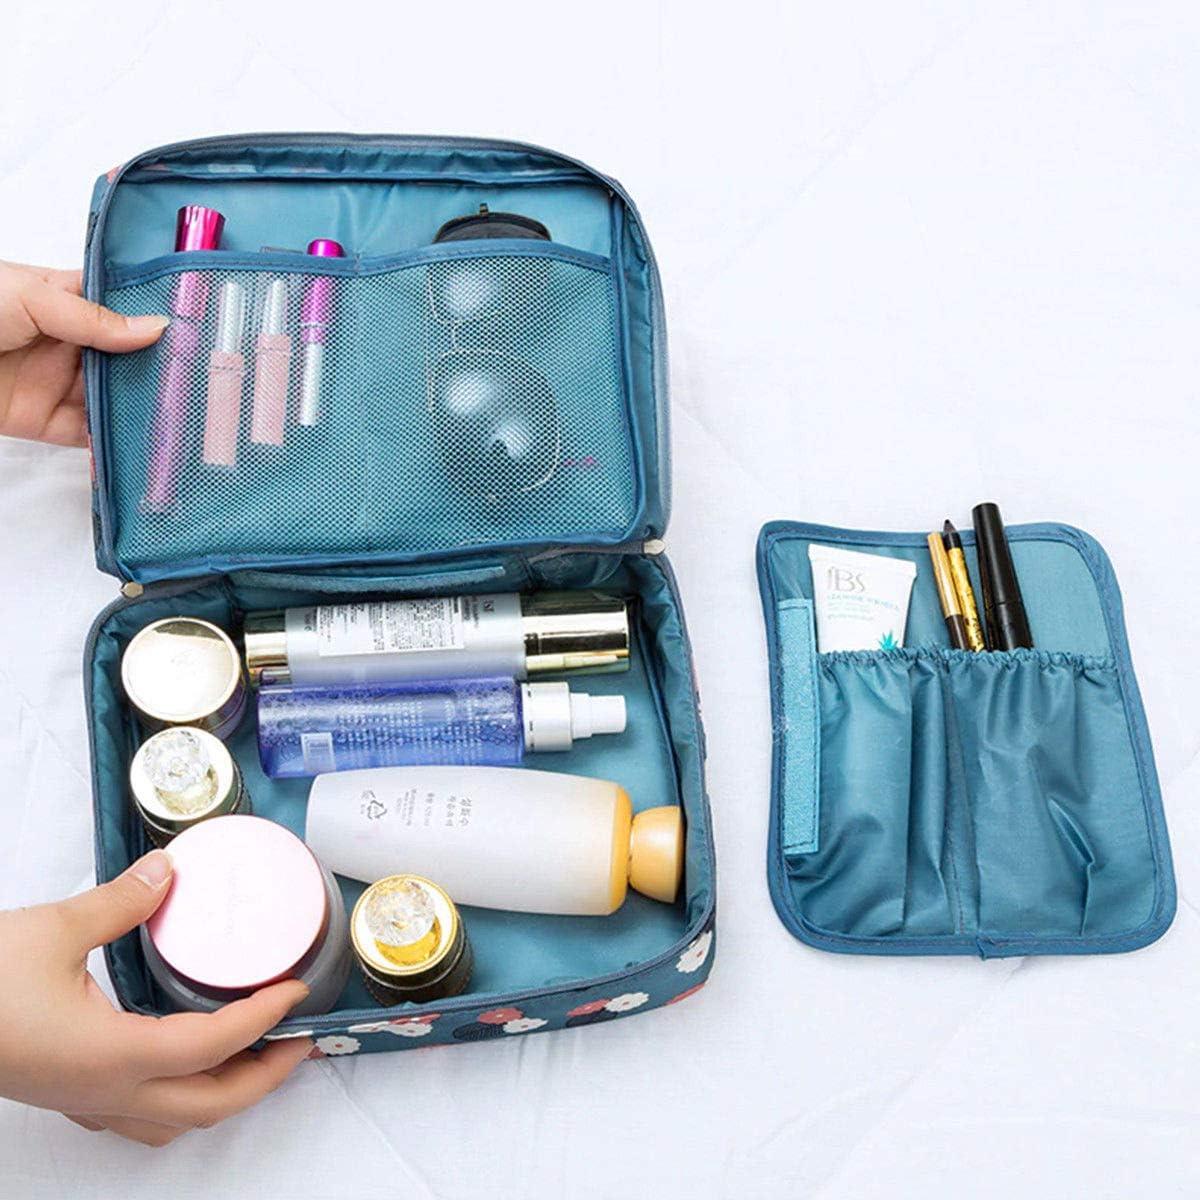 Misura: 22 x 17 x 8 cm Ducomi/® Travel Season Beauty Case Organizzatore Viaggio Unisex Borsa da Viaggio Blue